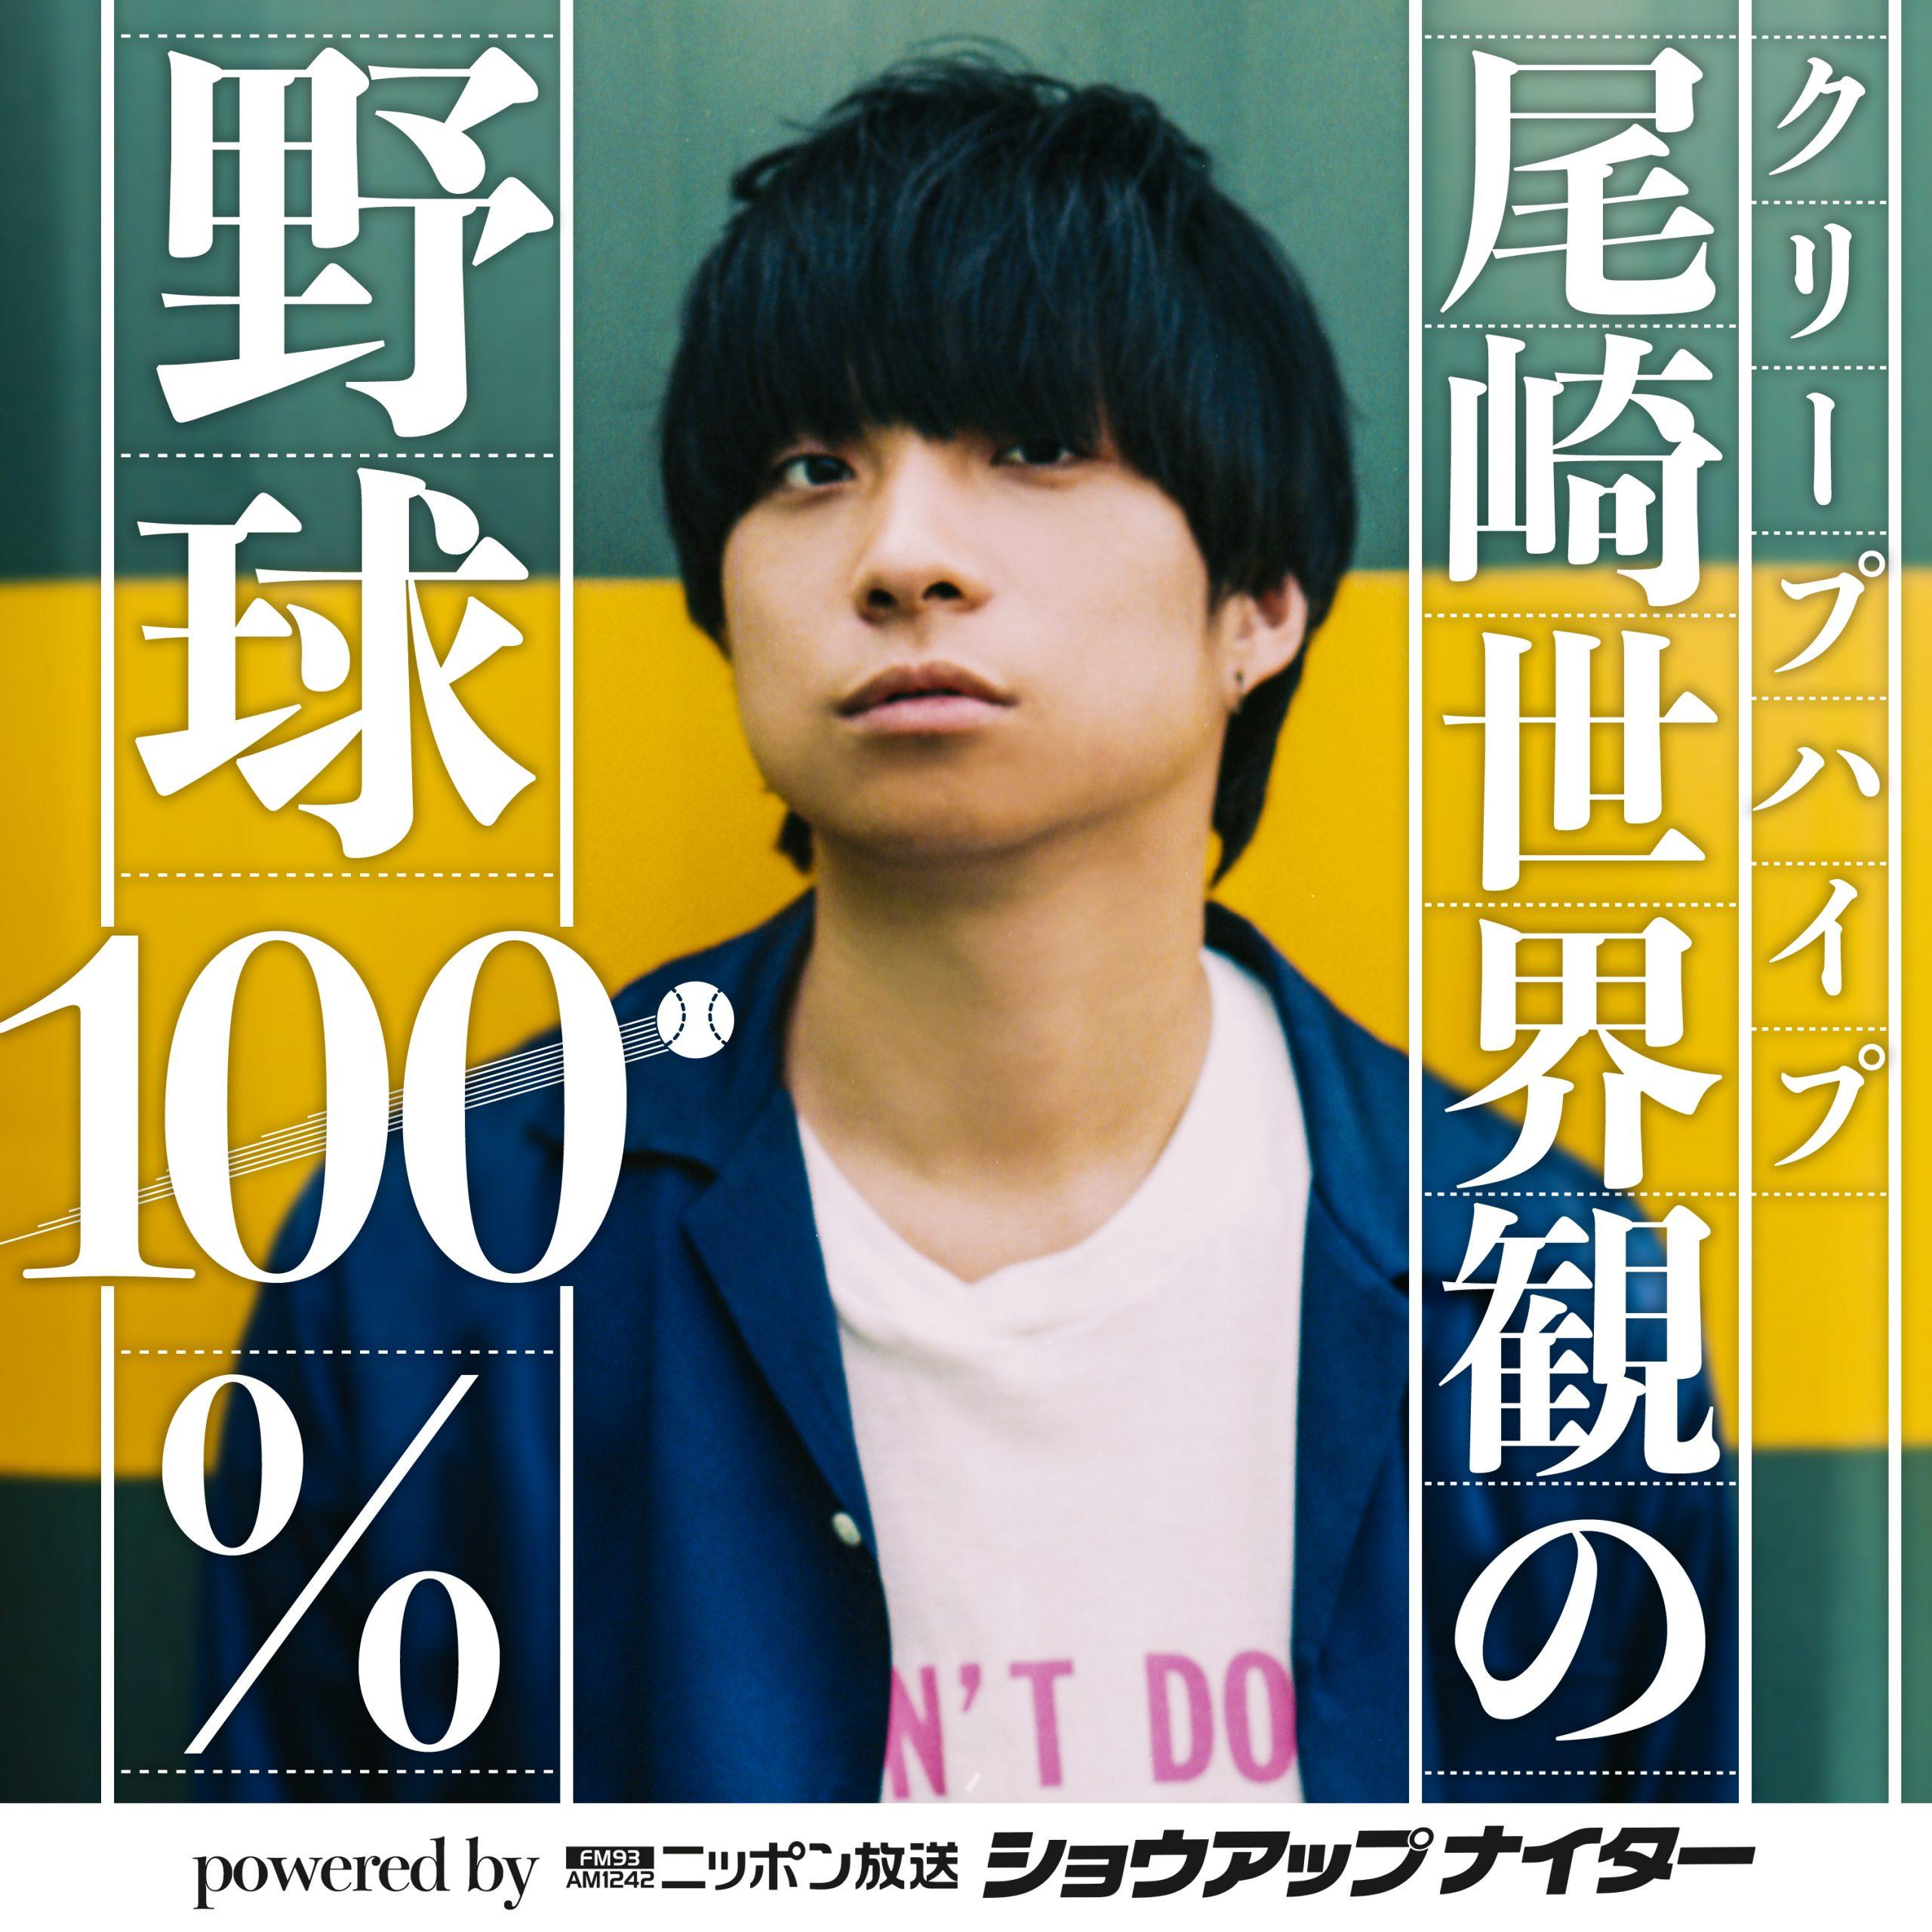 クリープハイプ尾崎世界観の野球100% powered by ニッポン放送ショウアップナイター